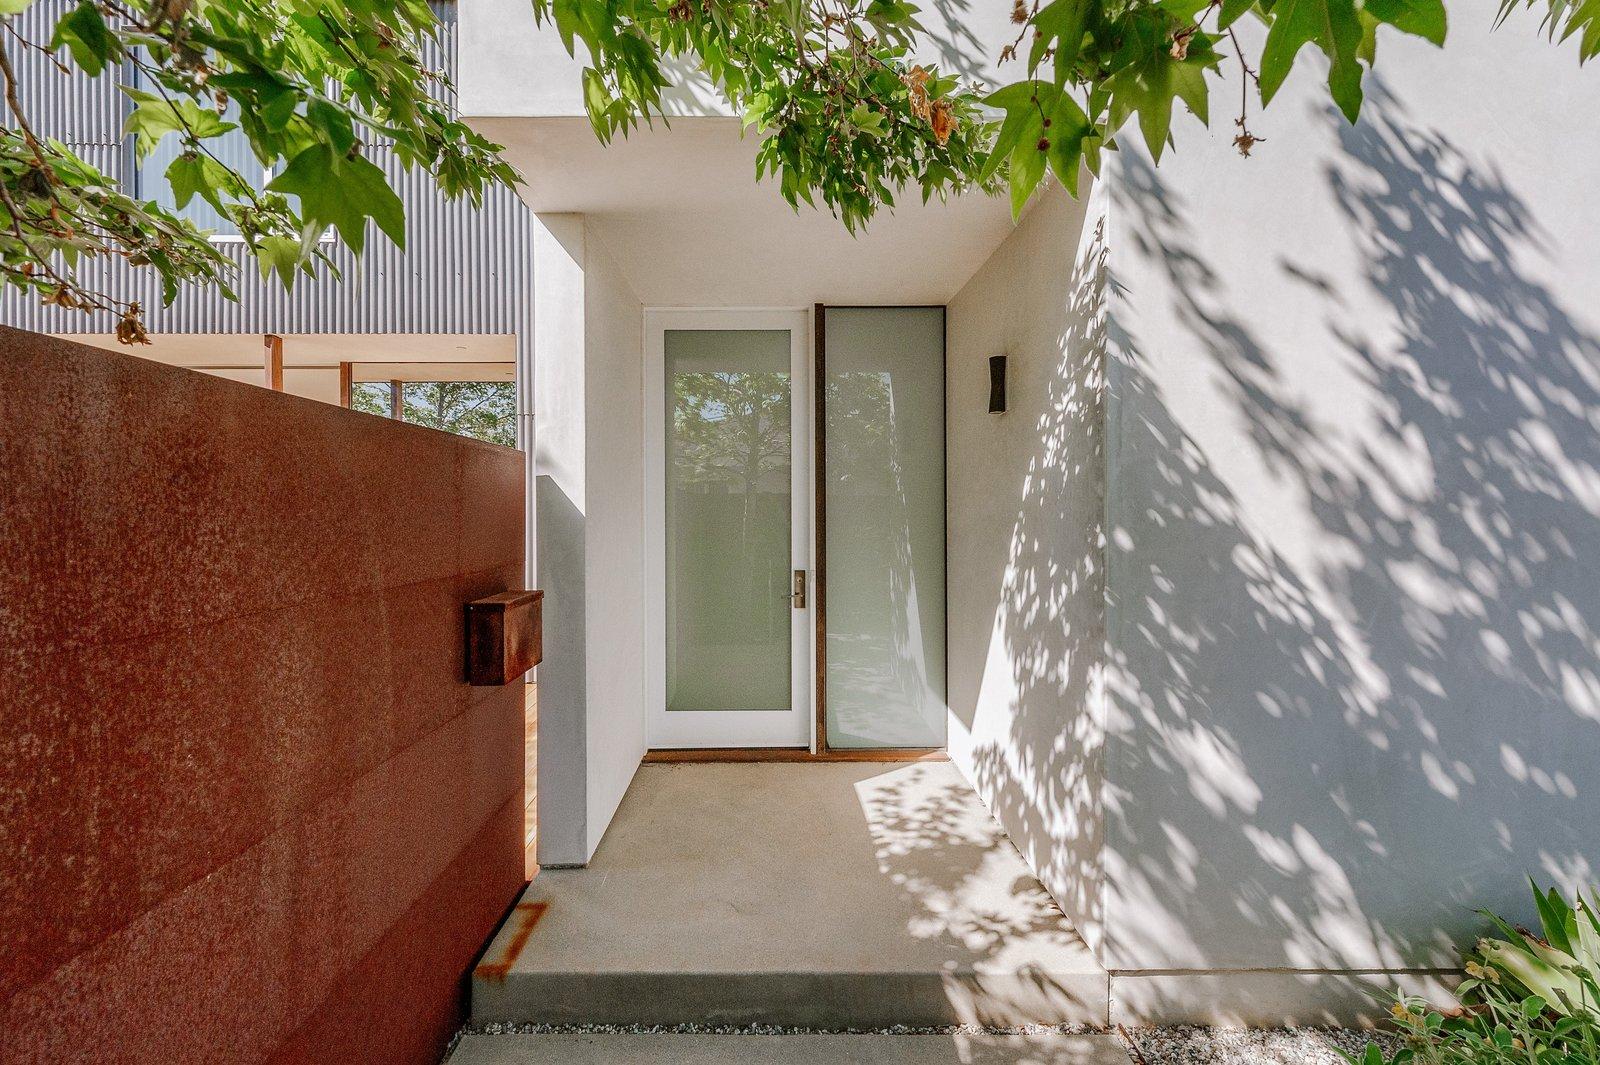 Monokuro House entryway